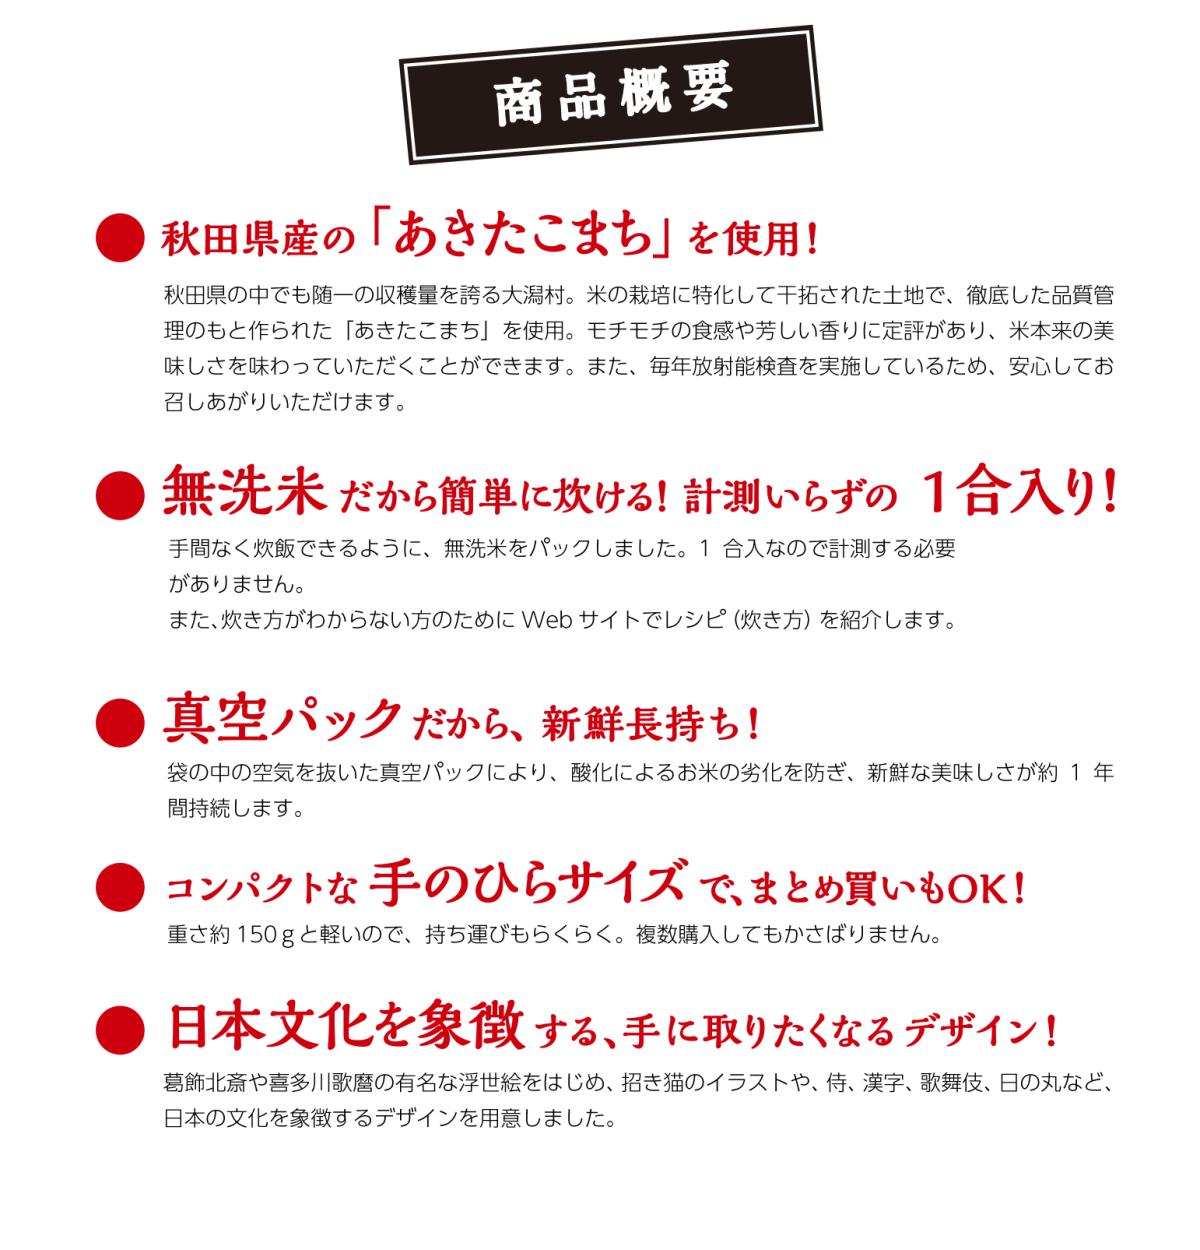 商品概要 秋田県産のあきたこまちを使用! 無洗米だから簡単に炊ける!計測いらずの1合入り! 真空パックだから、新鮮長持ち! コンパクトな手のひらサイズで、まとめ買いもOK! 日本文化を象徴する、手に取りたくなるデザイン!